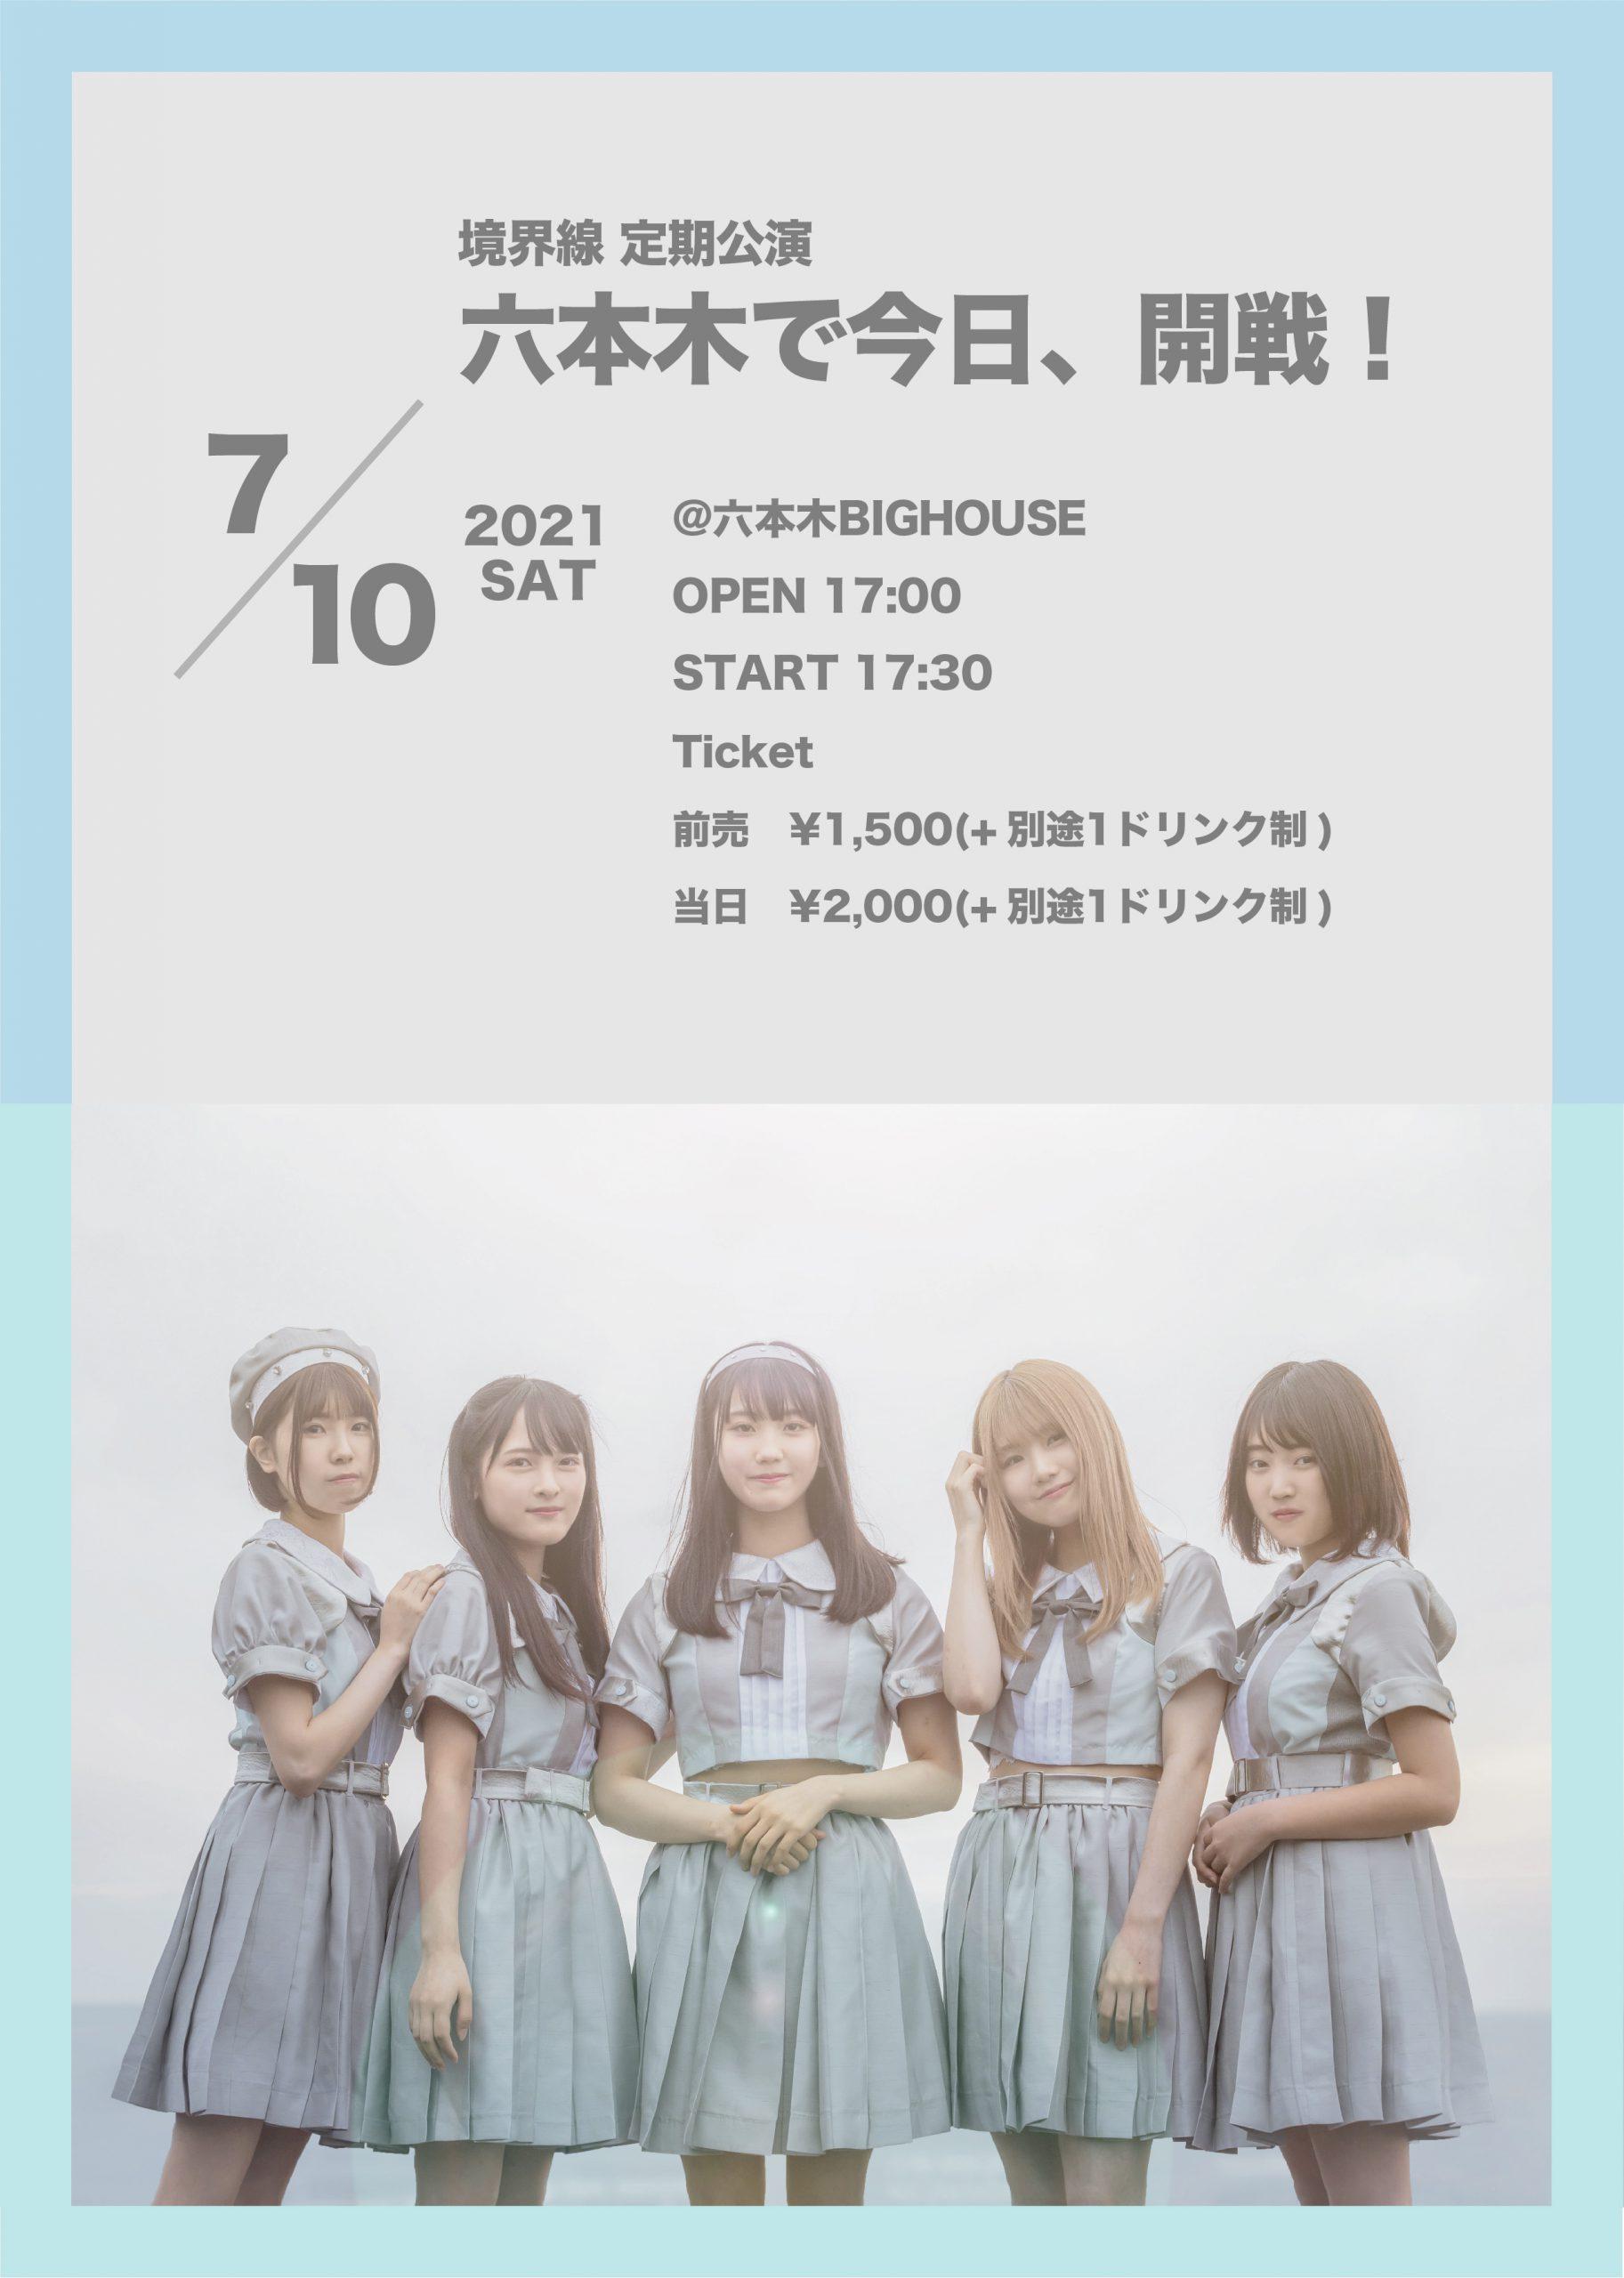 定期公演【六本木で今日、開戦!】が開催決定!